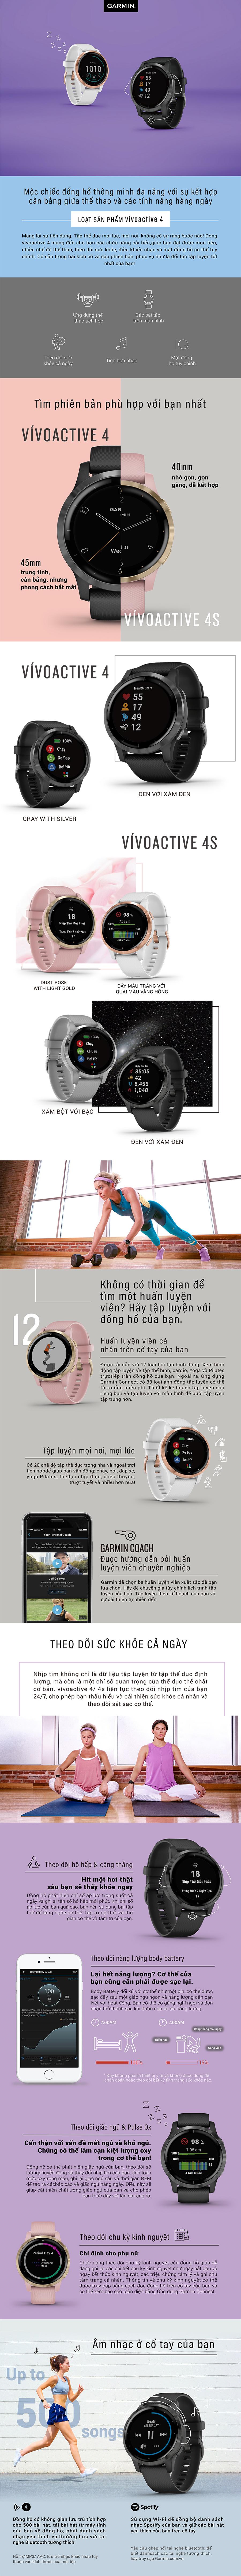 Đồng Hồ Thông Minh Theo Dõi Vận Động Theo Dõi Sức Khỏe Garmin Vivoactive 4 / Vivoactive 4S - Hàng Chính Hãng